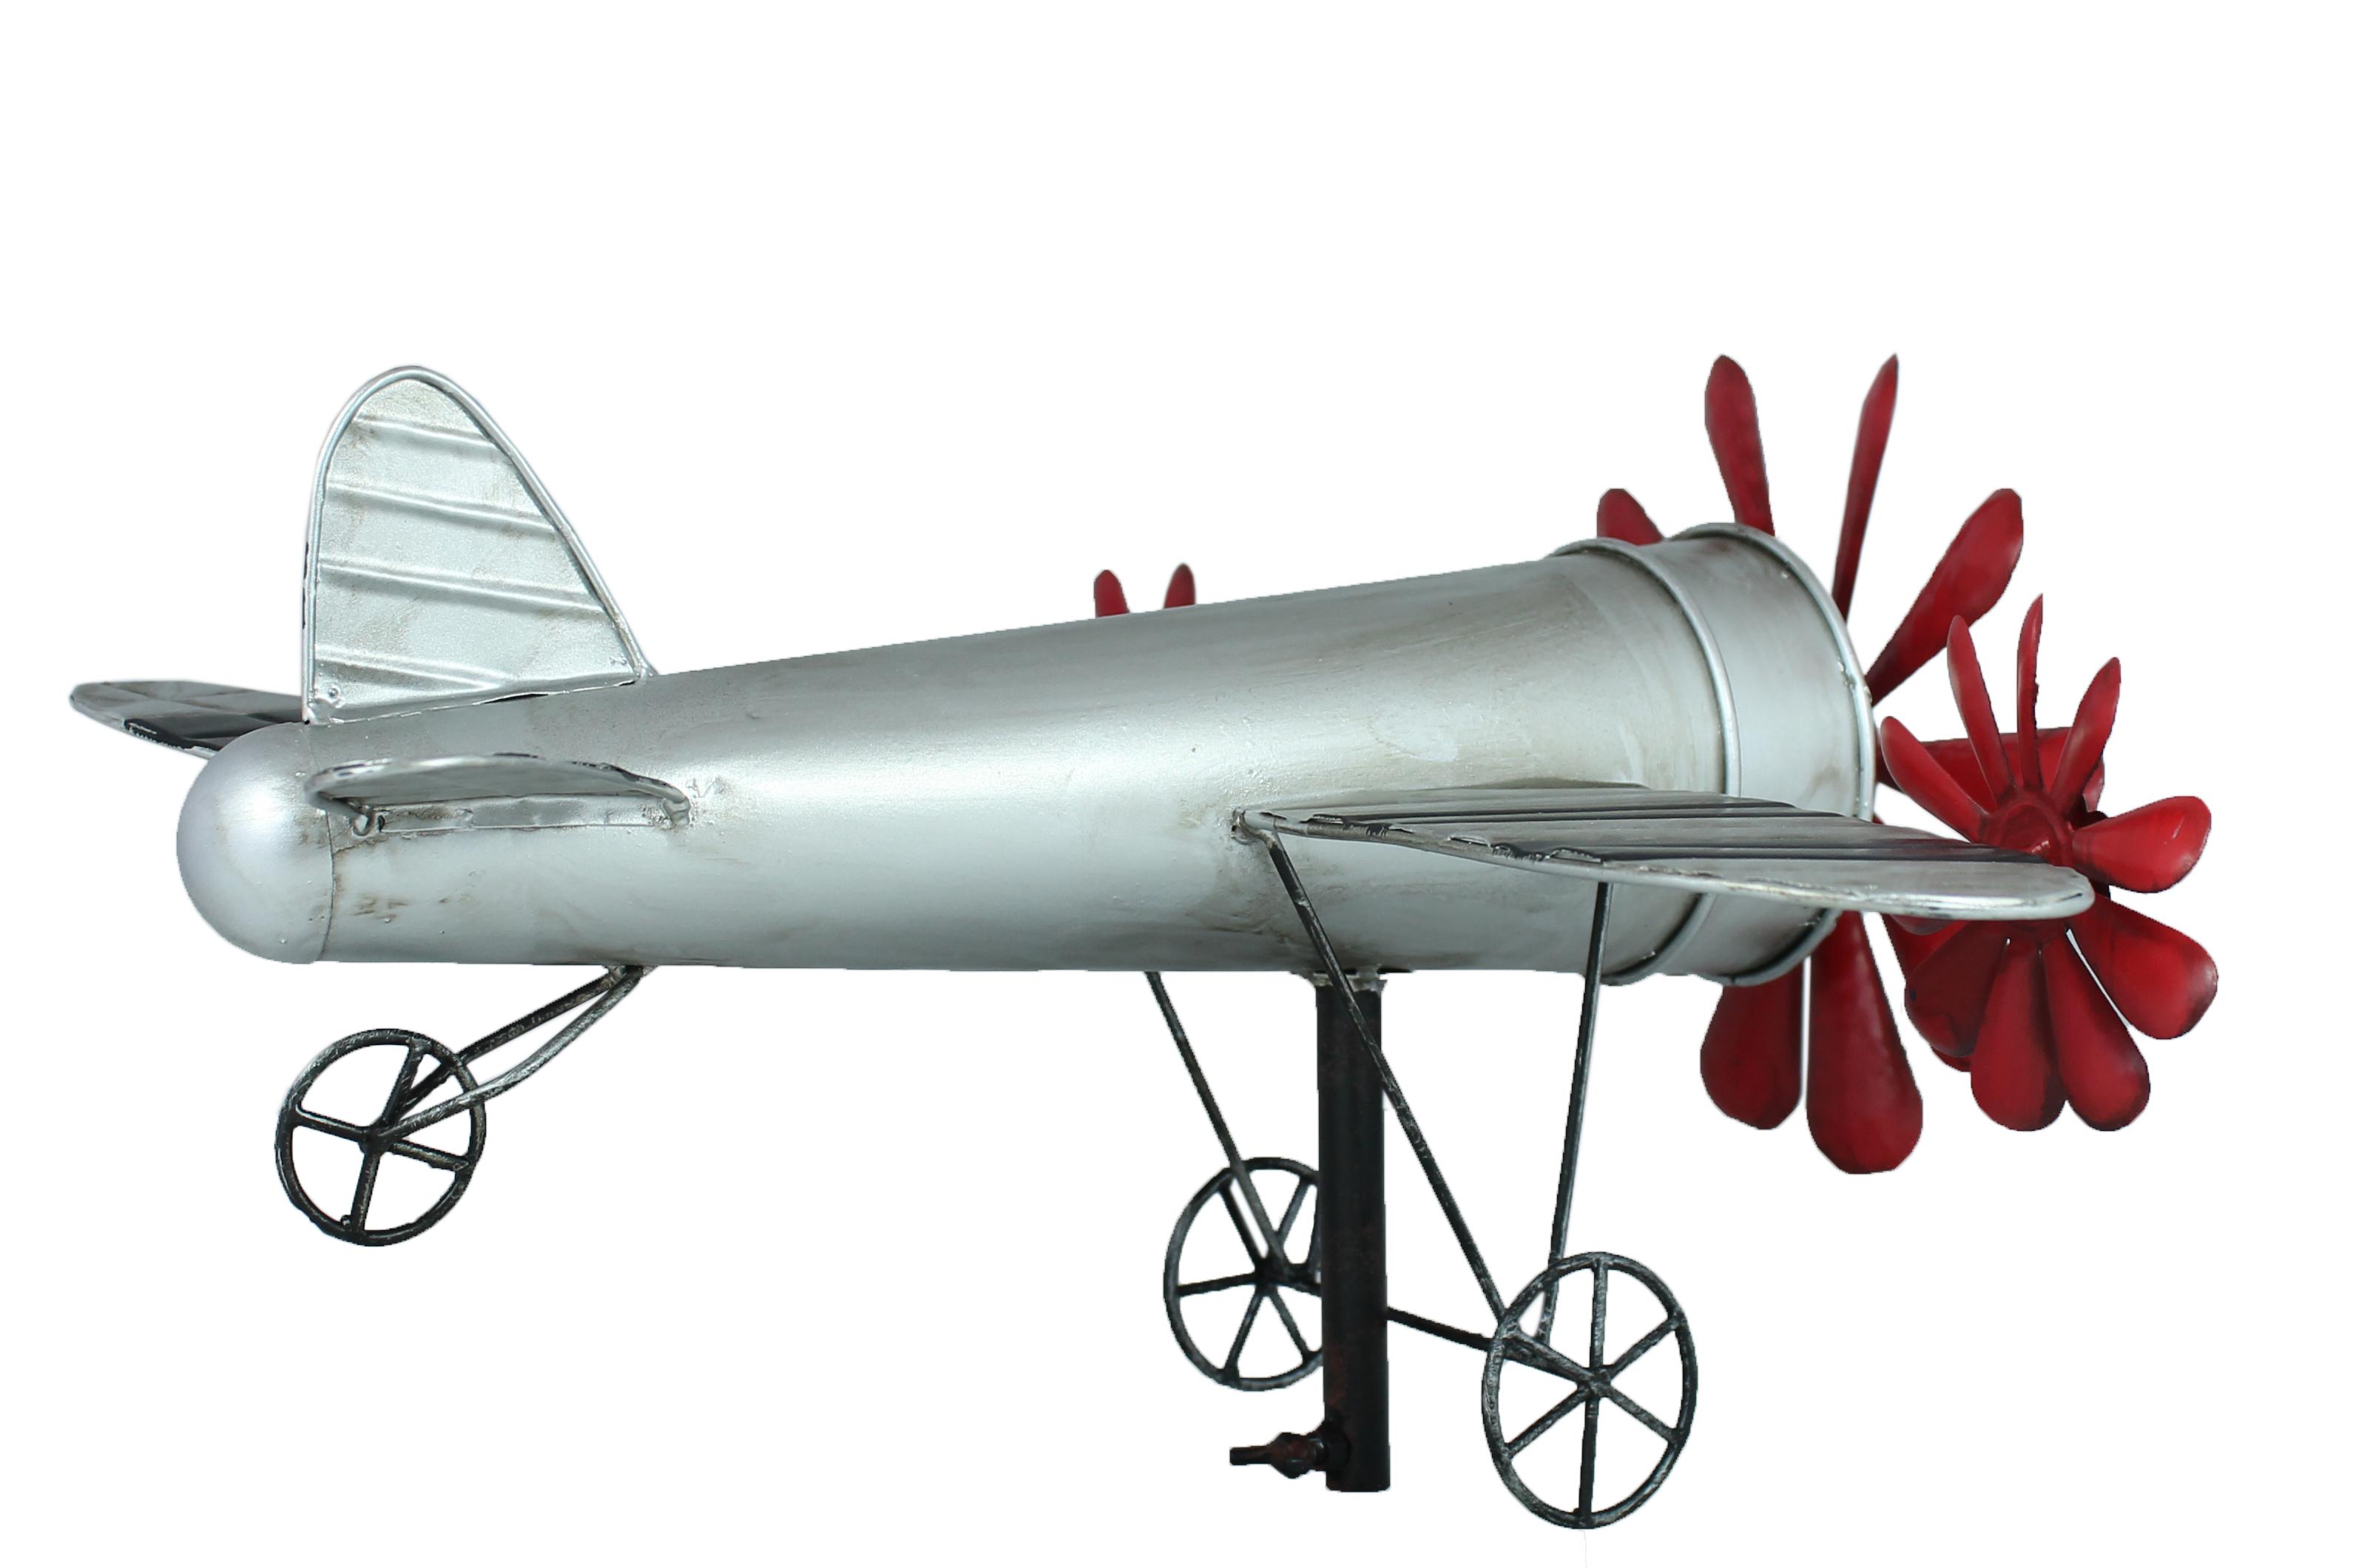 Jeu du vent avion moulin vent m tal bombardiers de - Jeu info avion ...